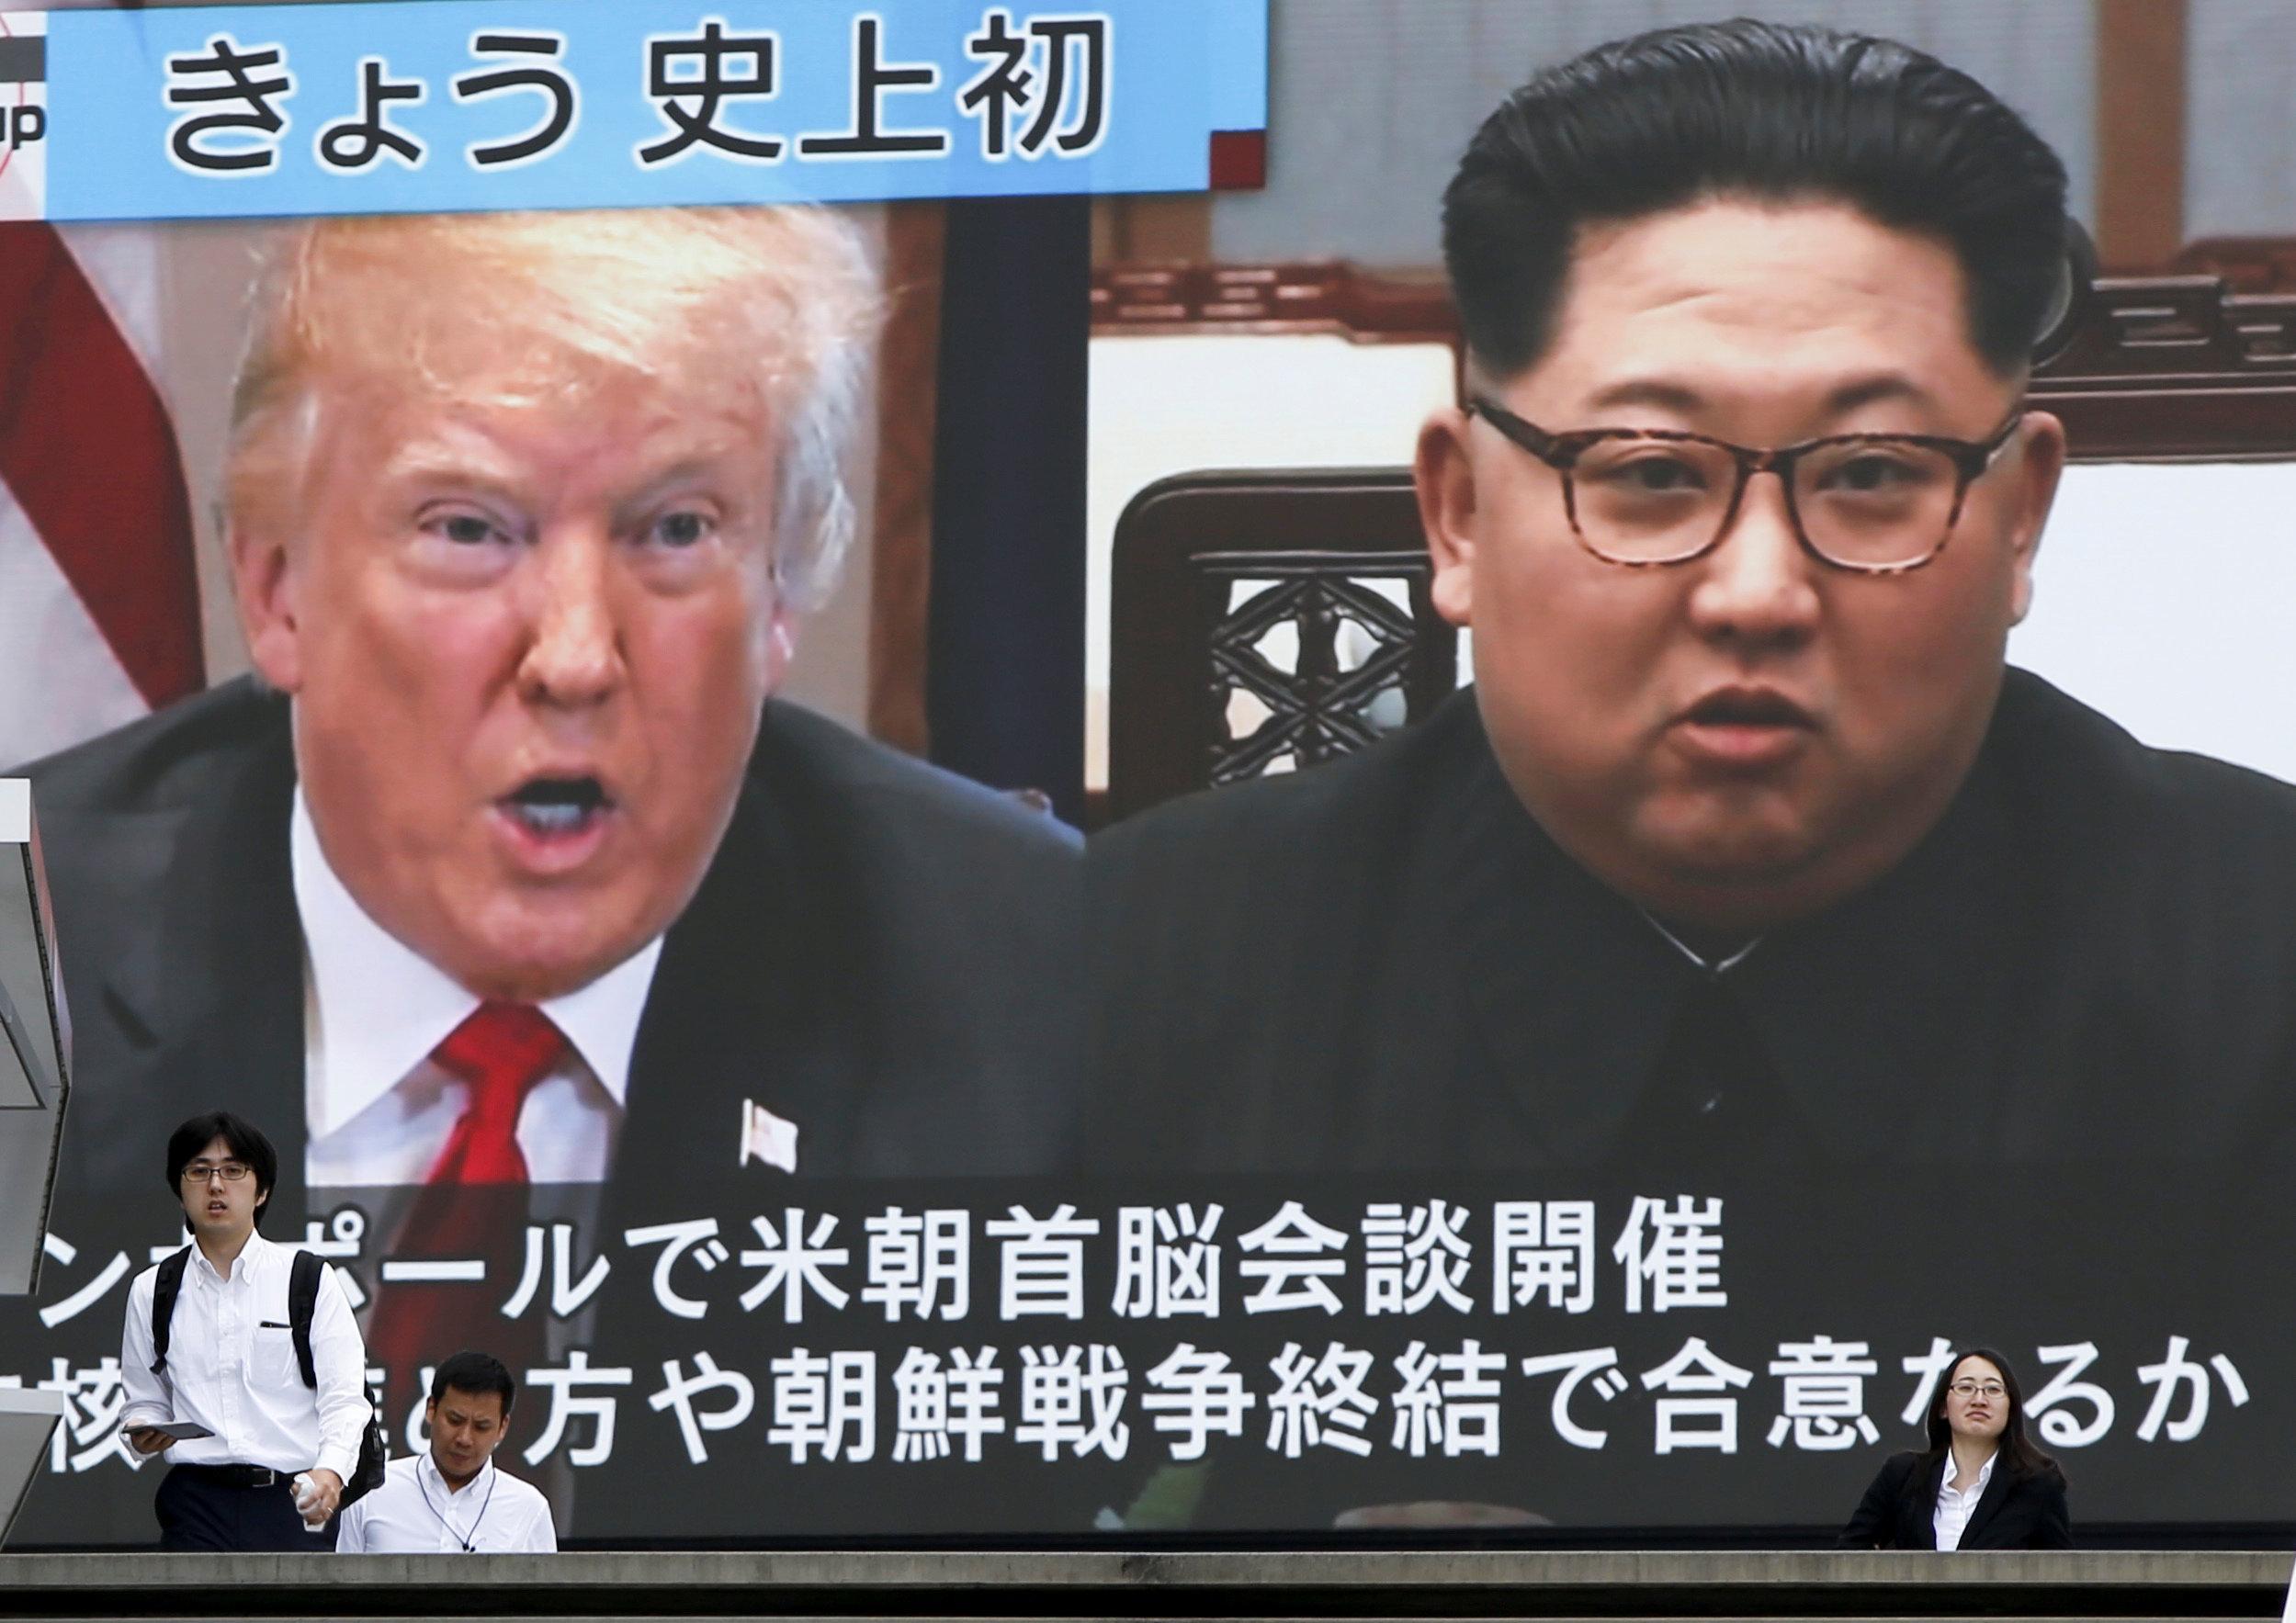 Η Κίνα λέει ότι ελπίζει για ειρηνευτική συμφωνία ΗΠΑ-Βόρειας Κορέας